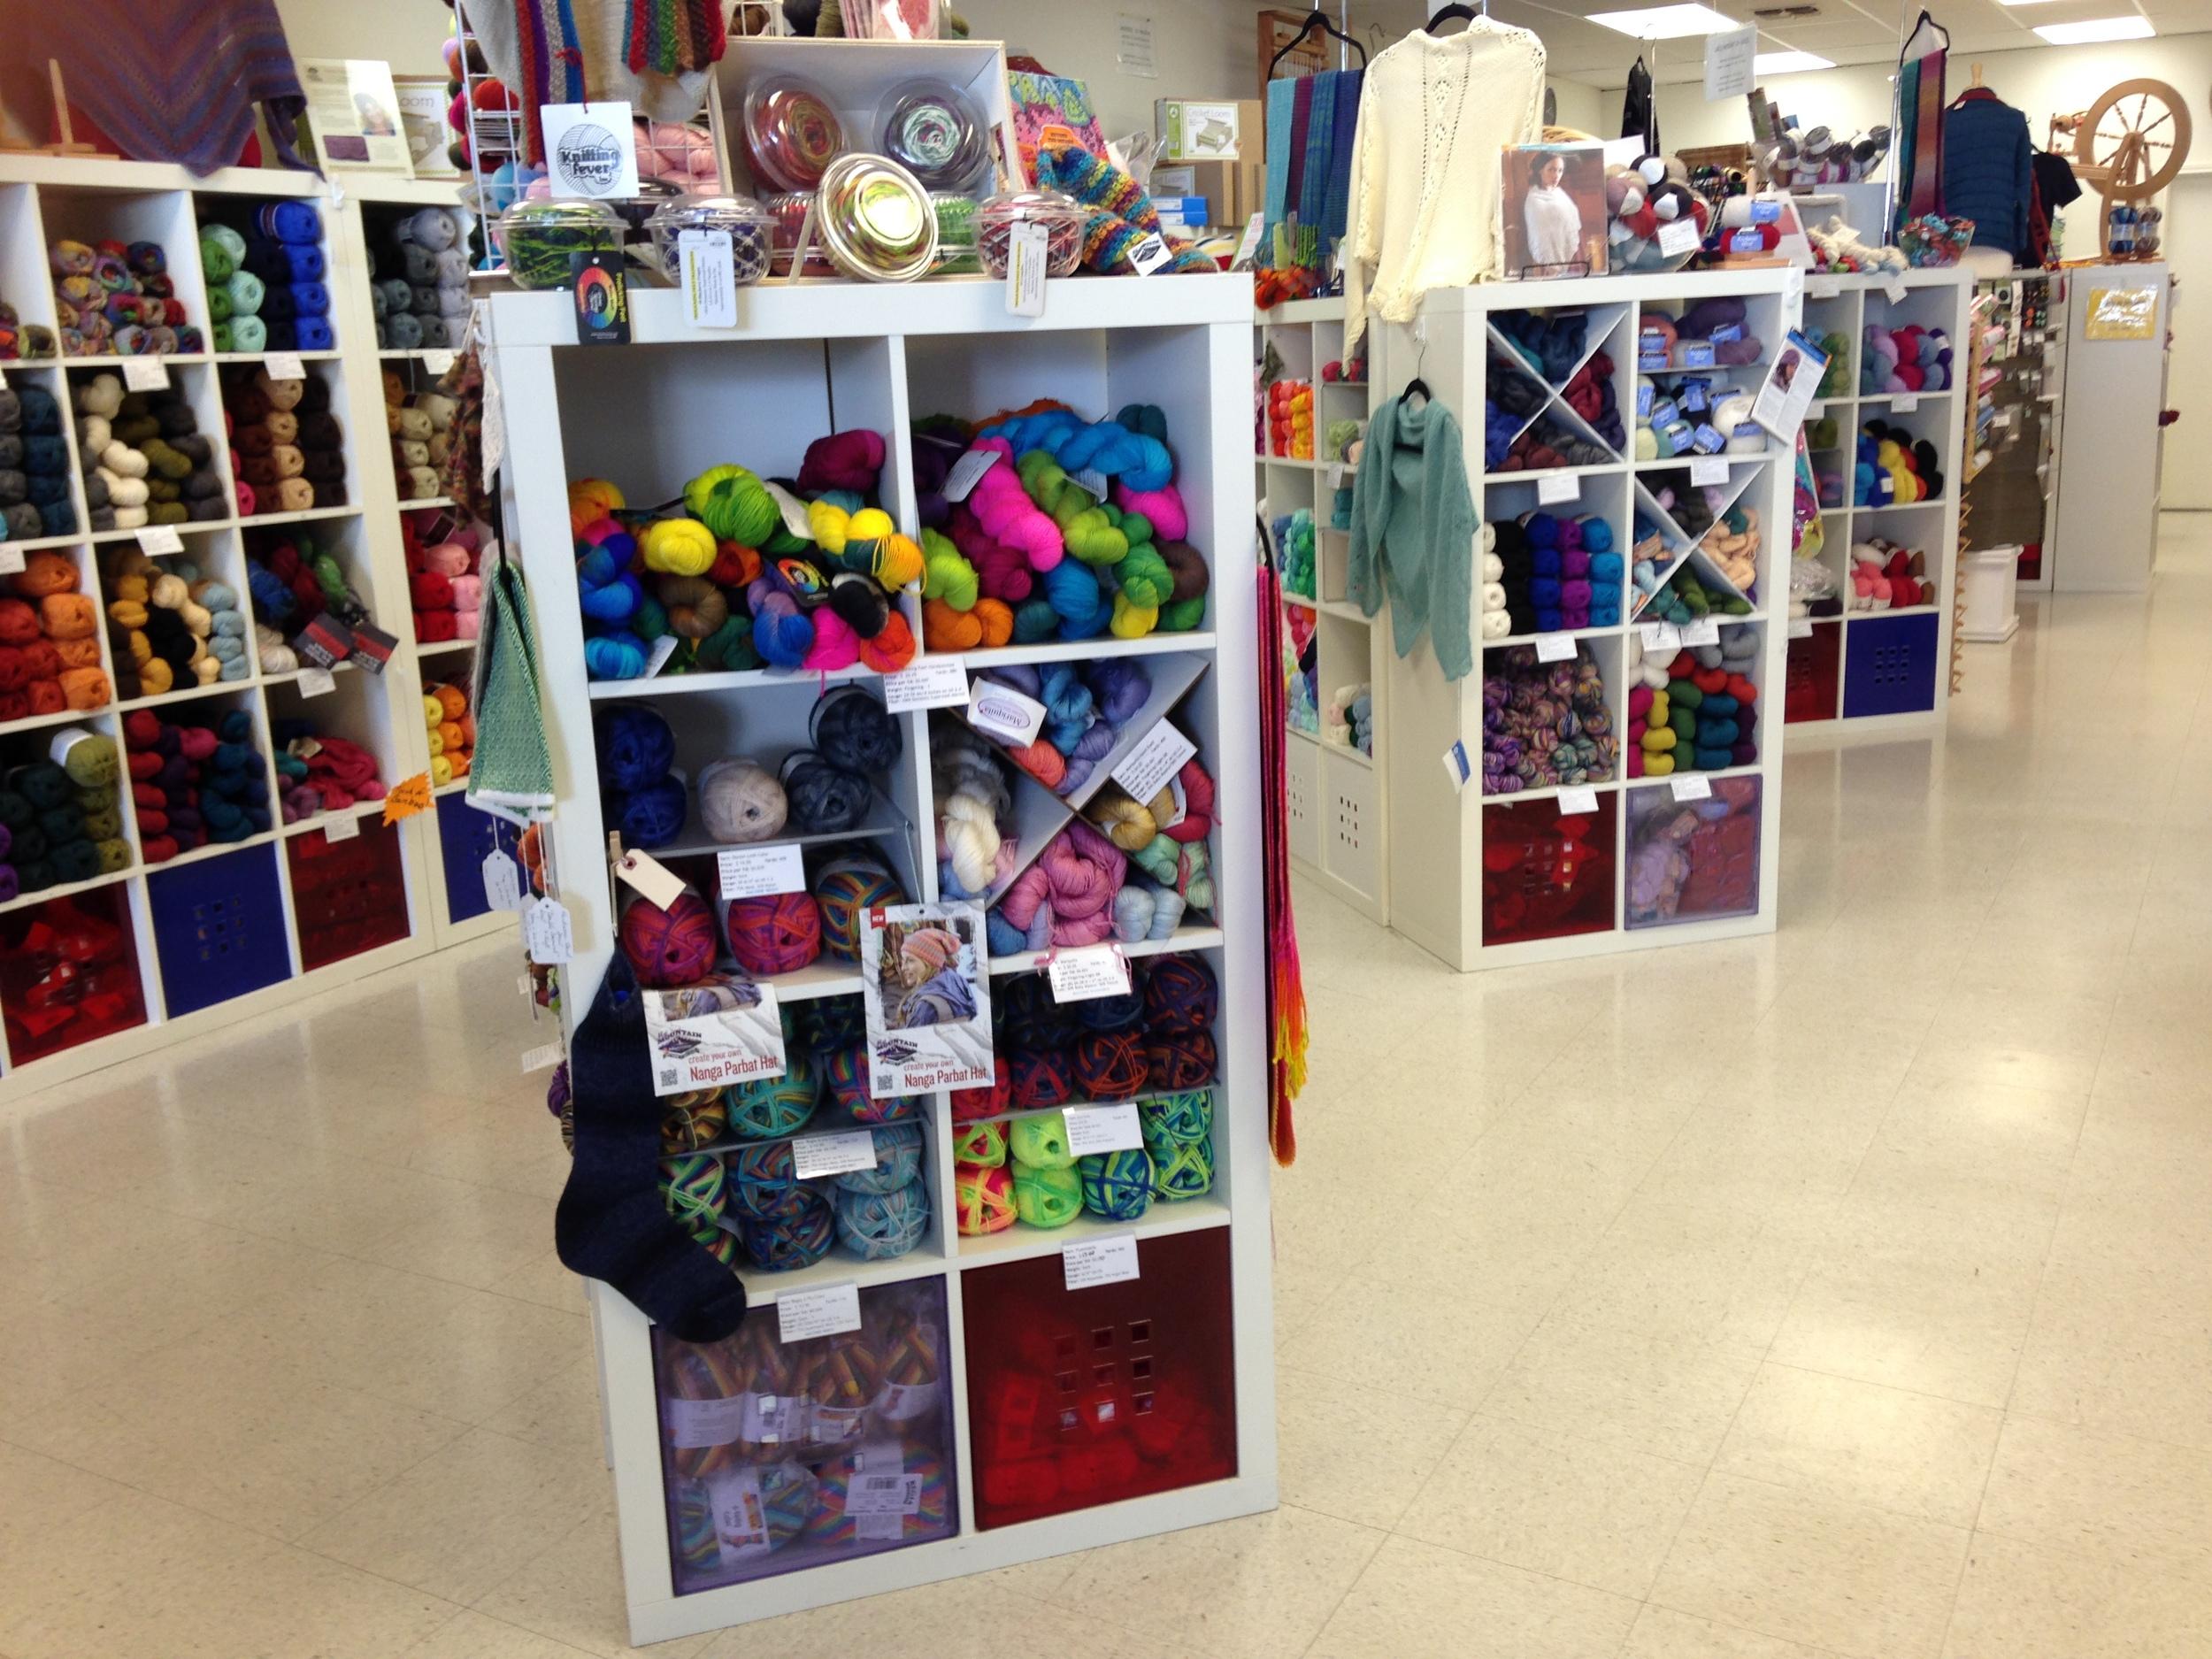 So much yarn!!